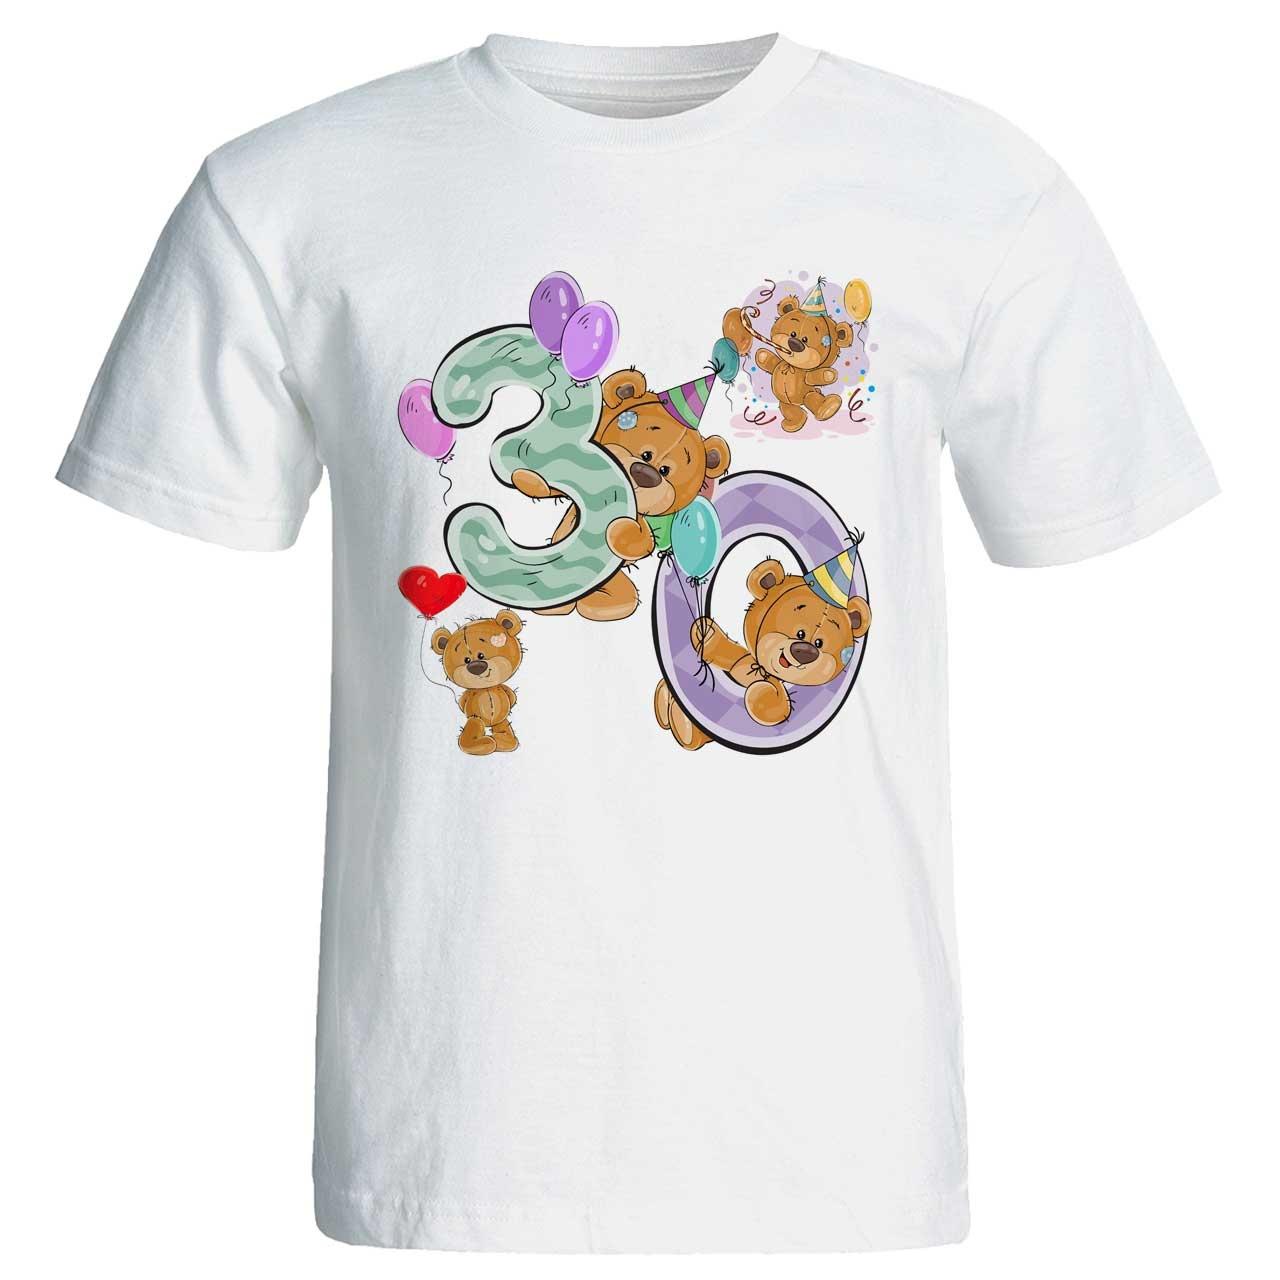 تی شرت آستین کوتاه مارس طرح تولد سی سالگی کد 3530